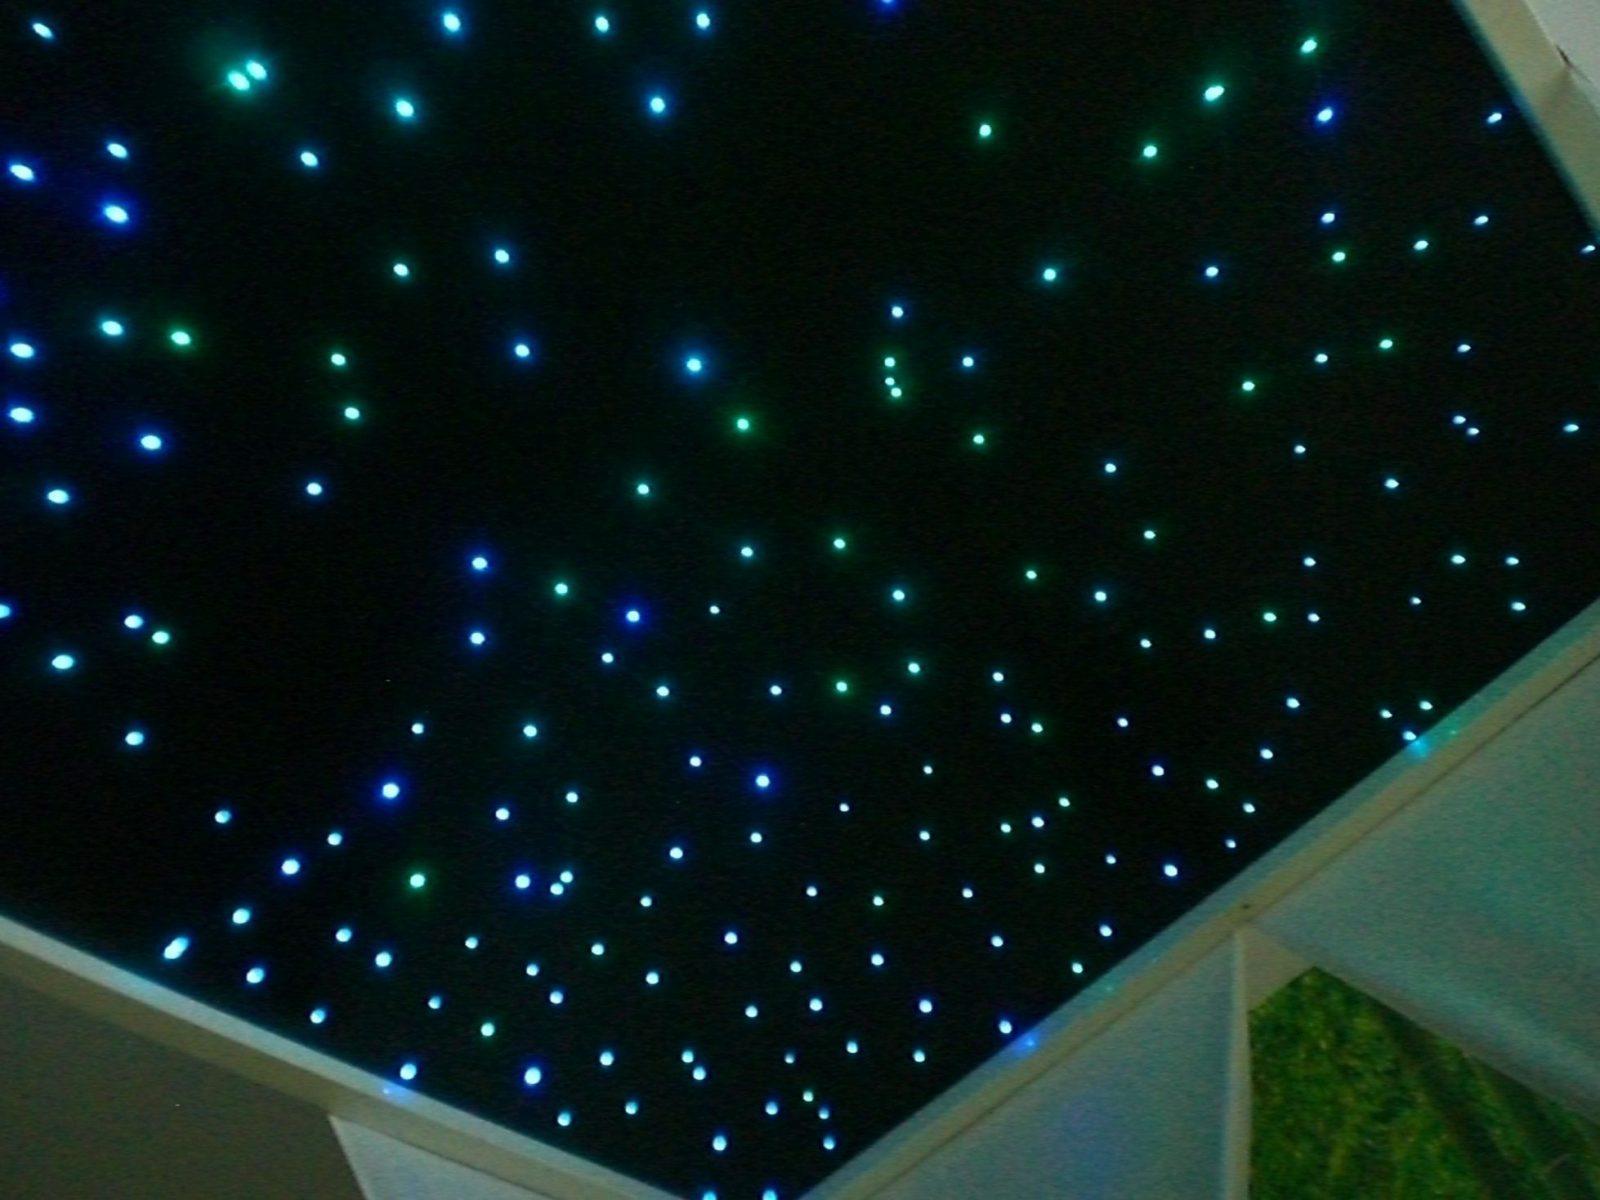 Bauanleitung Ledsternenhimmel  Sternenhimmel Kinderzimmer Und von Sternenhimmel Kinderzimmer Selber Bauen Photo